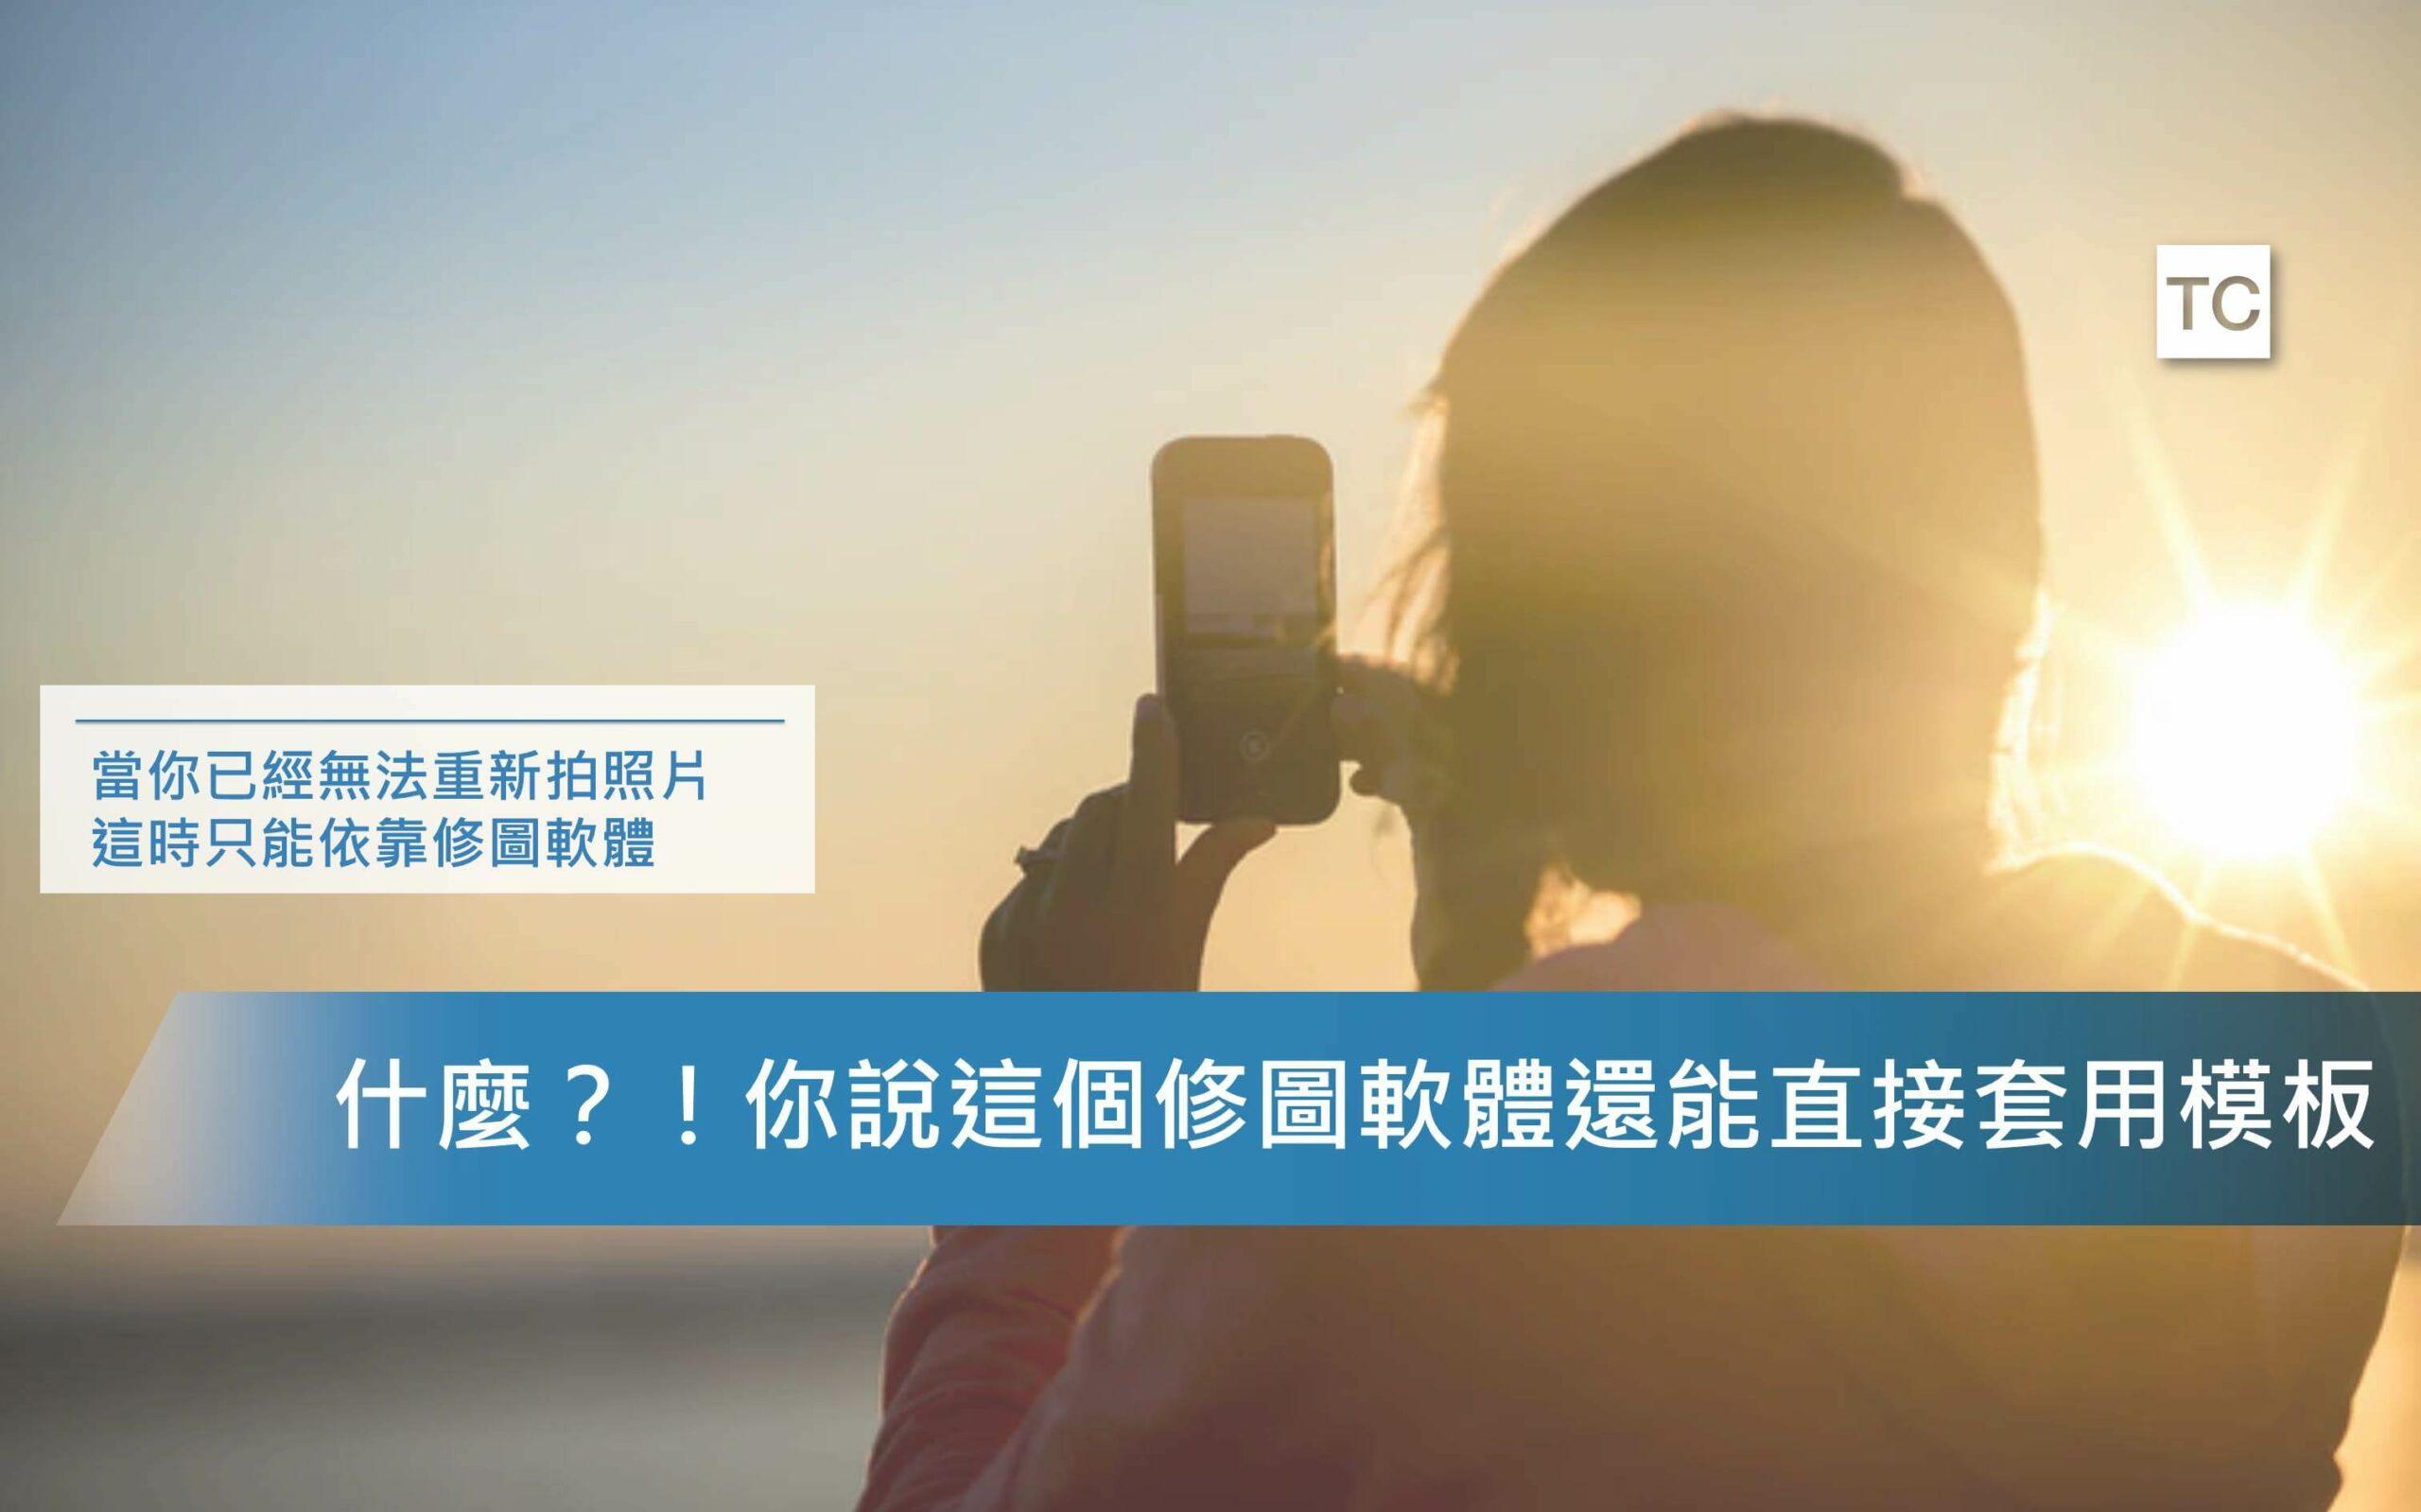 修圖軟體推薦 修圖就靠「黃油相機」,還能直接套用模板、選擇素材